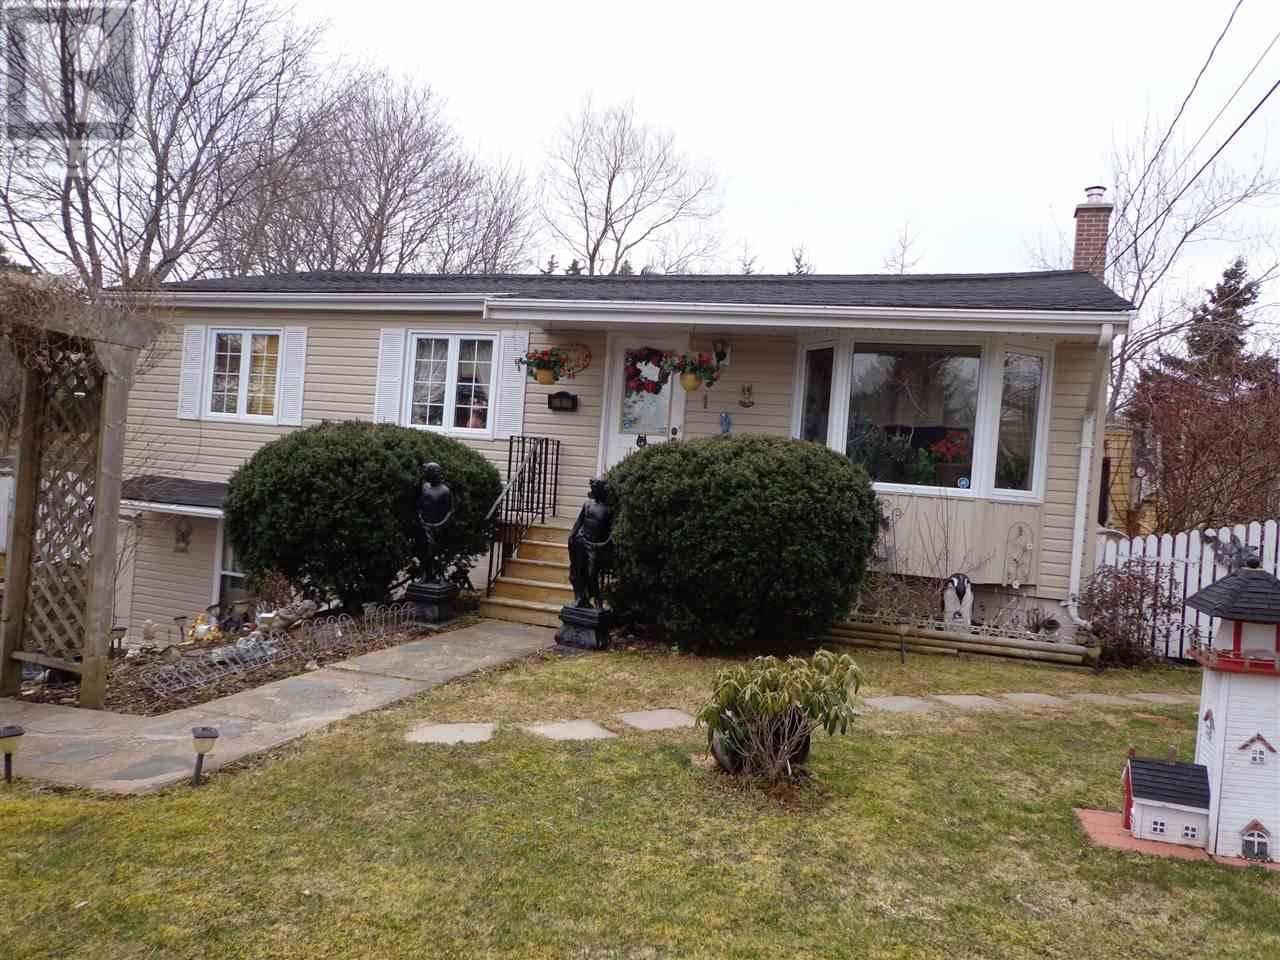 House for sale at 1 Lorne Dr Westphal Nova Scotia - MLS: 202002381